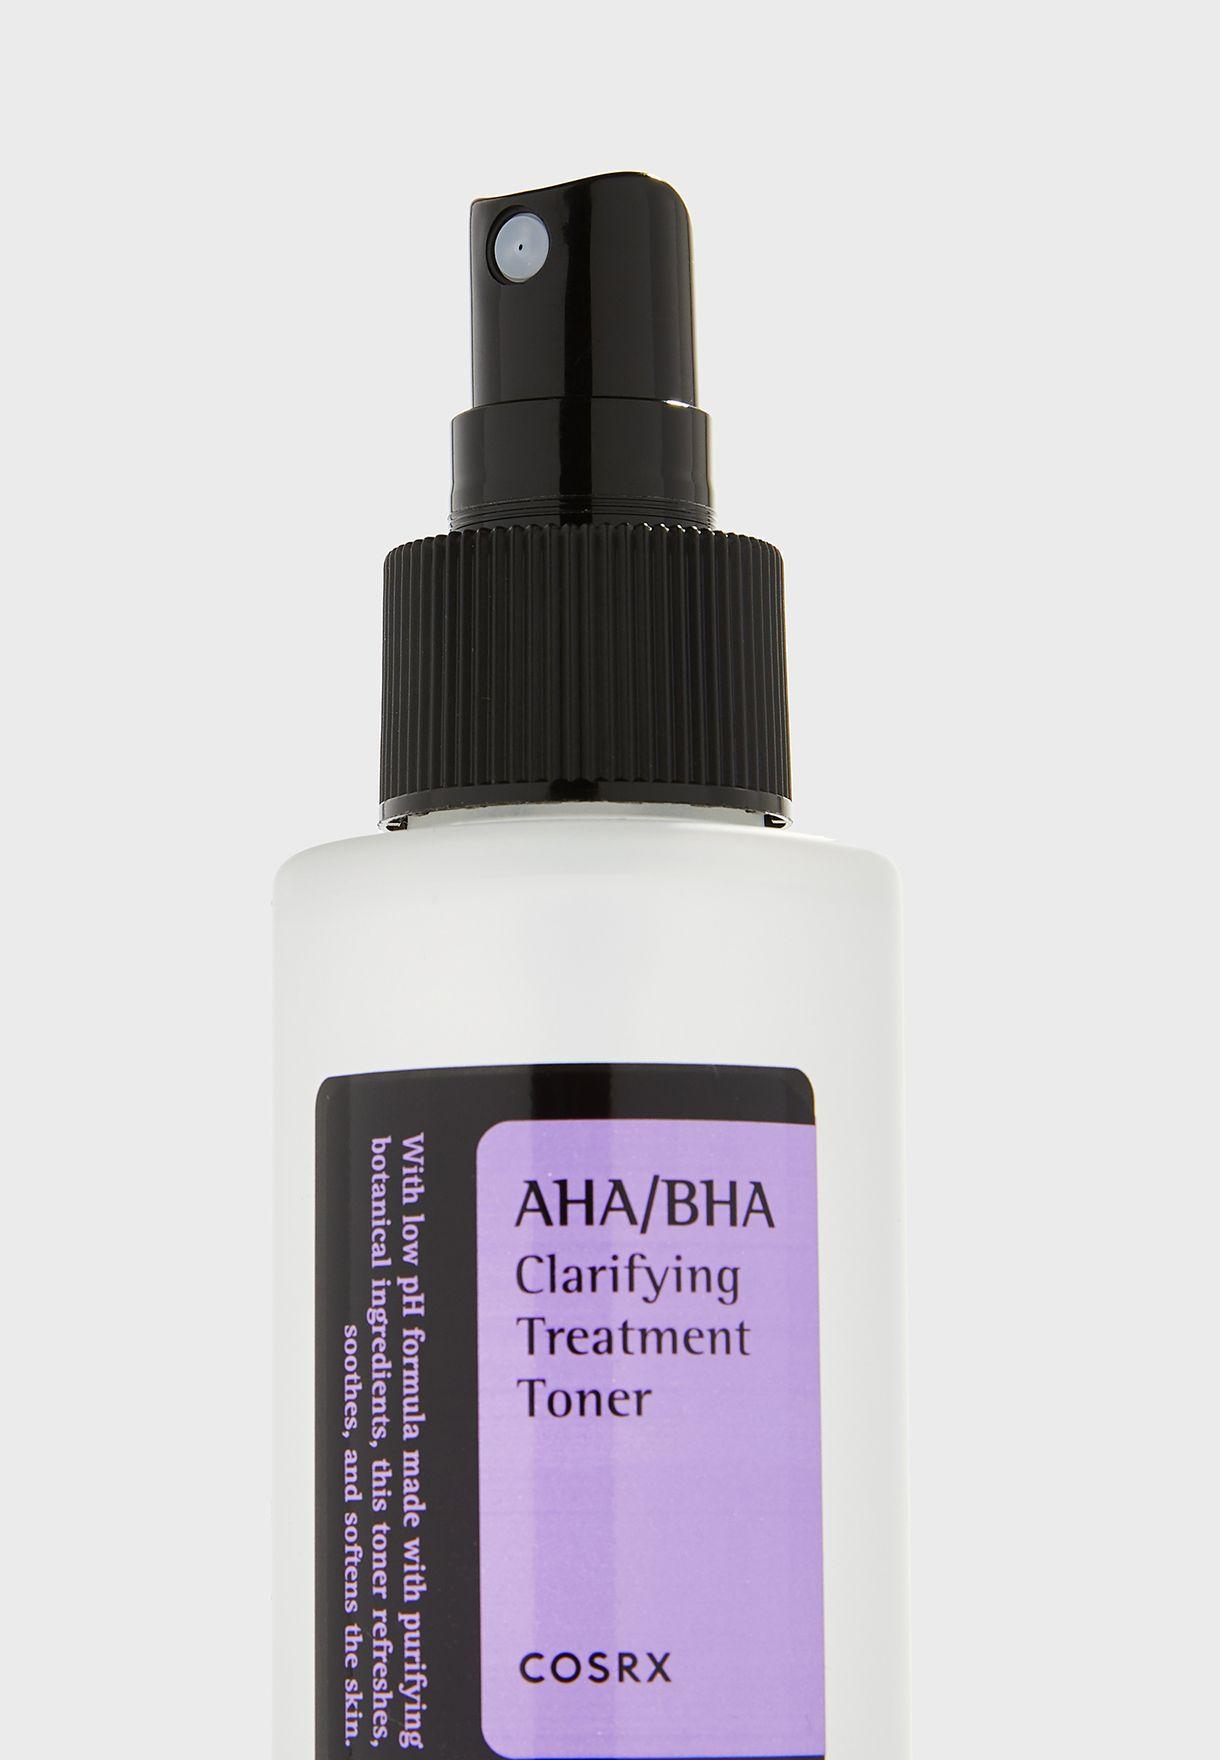 Aha/Bha Clarifying Treatment Toner